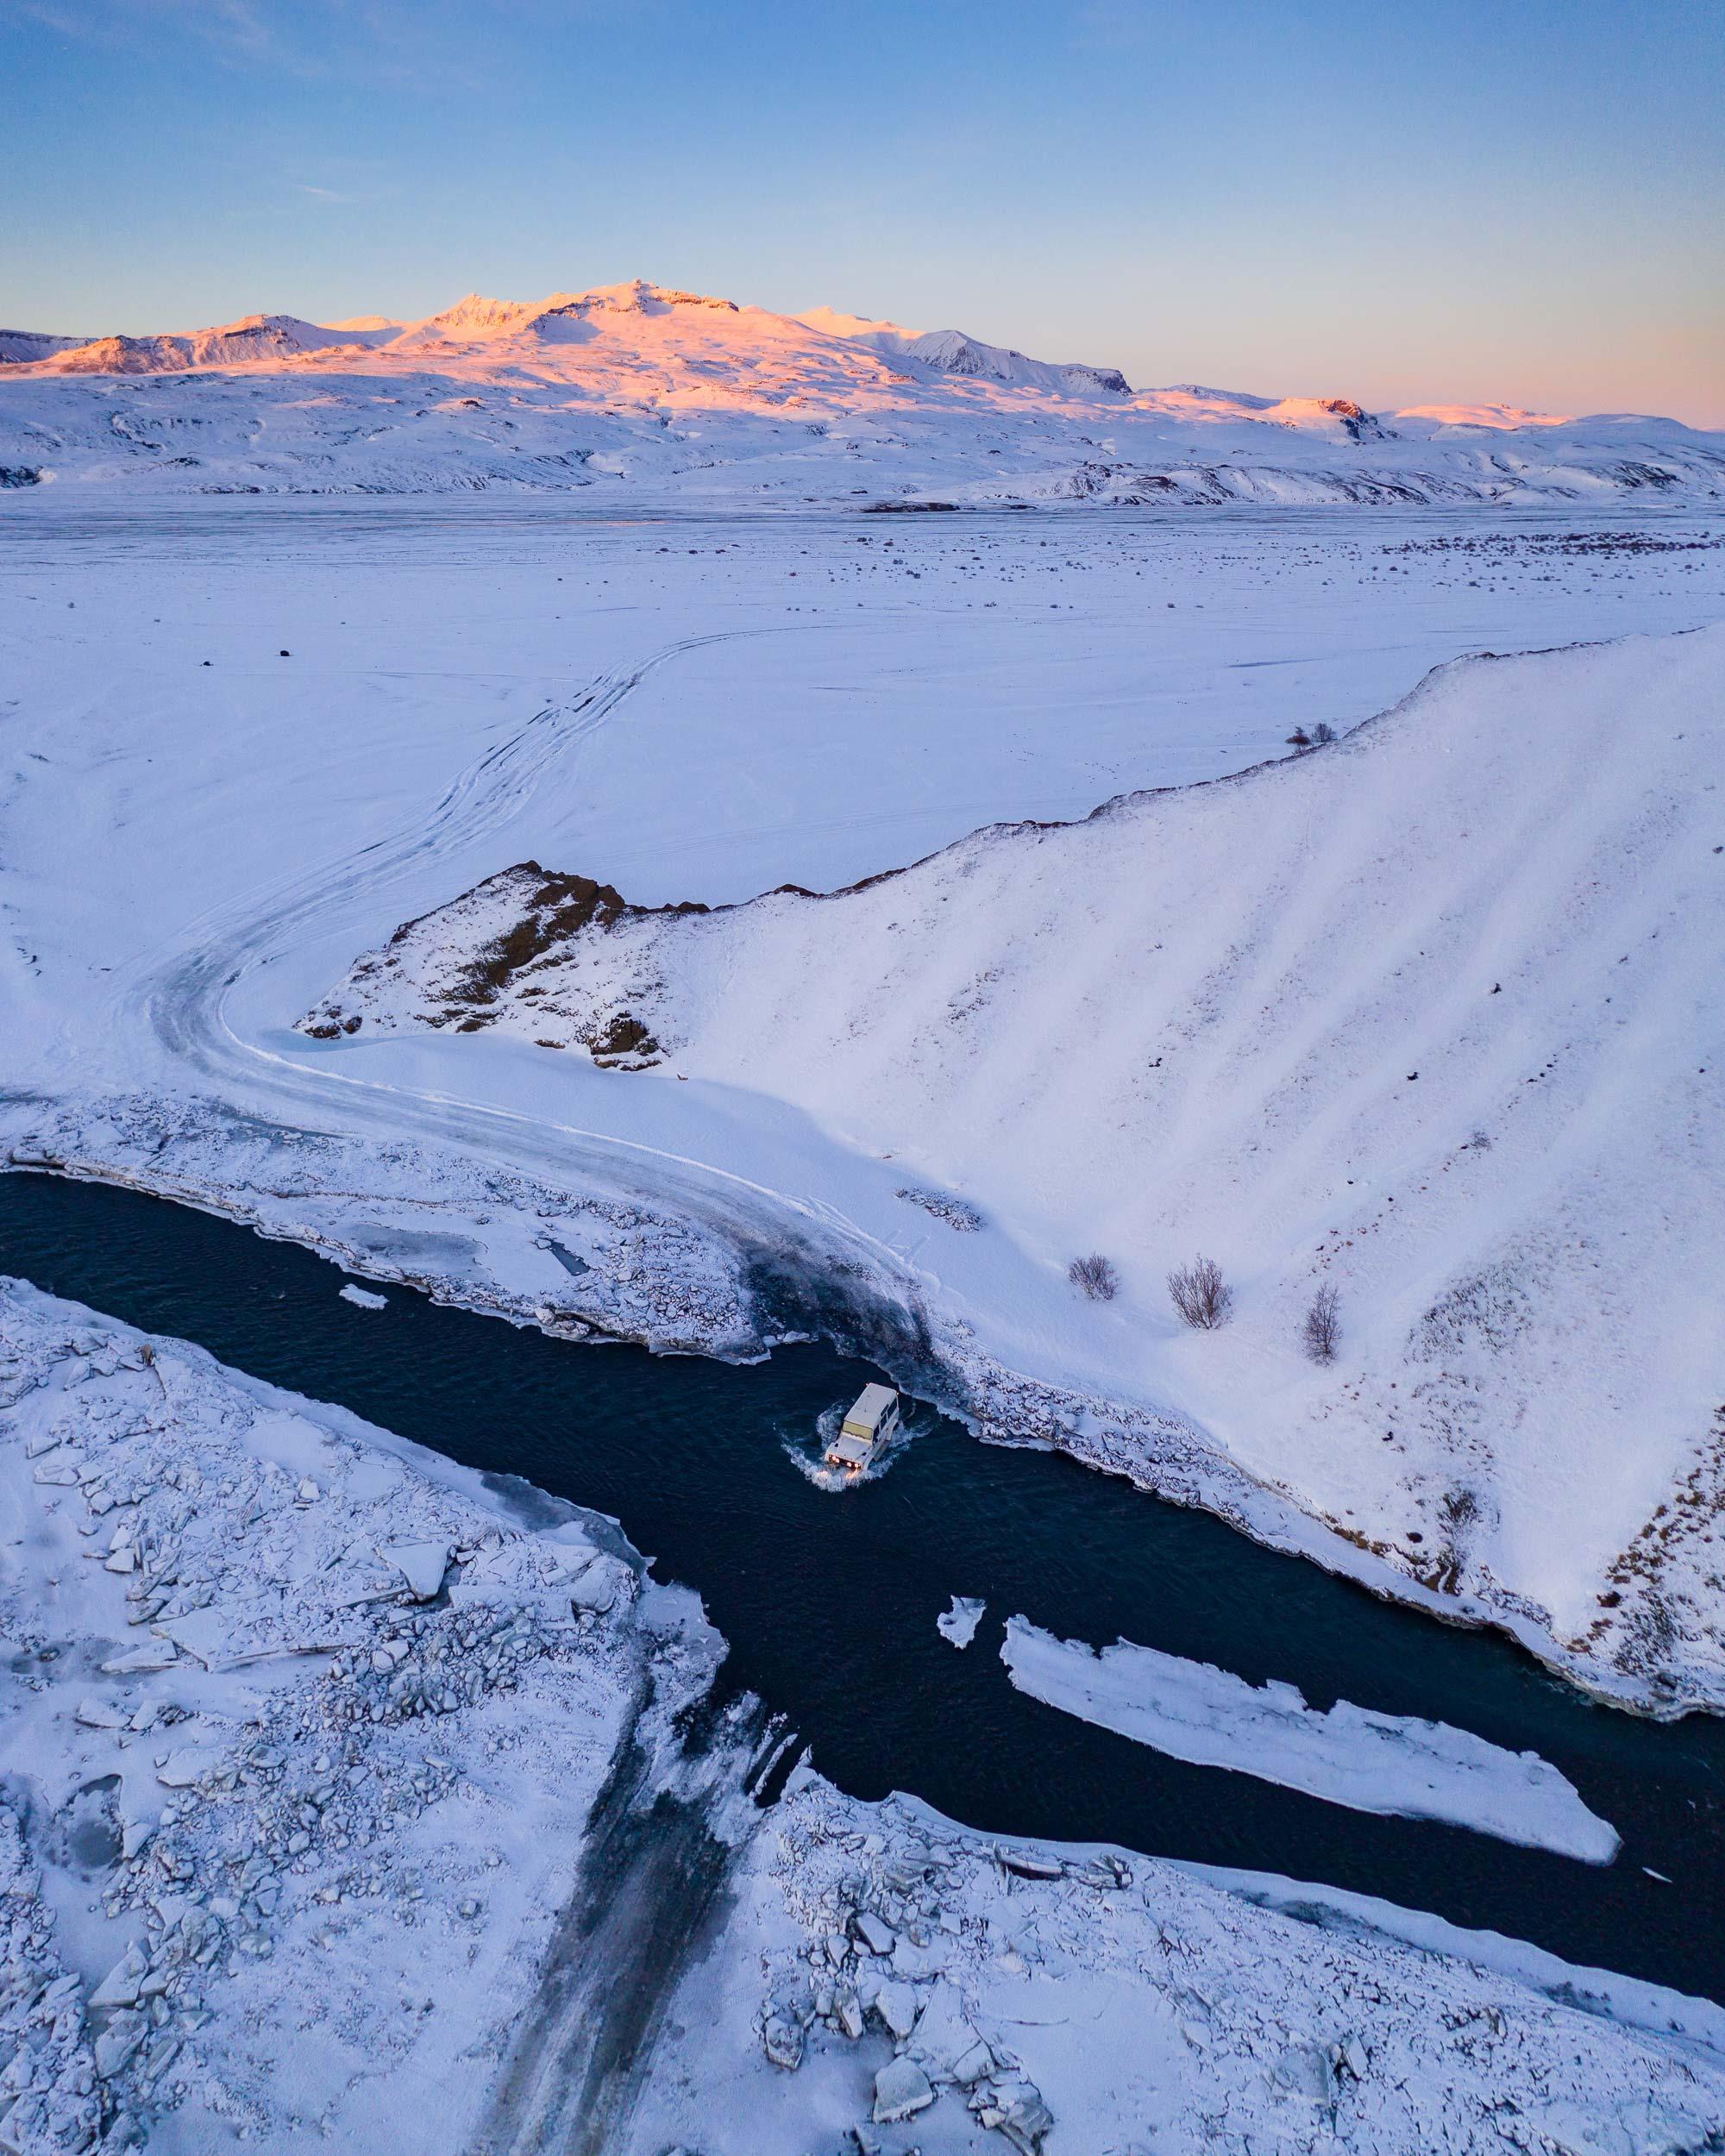 Snowy Þórsmörk